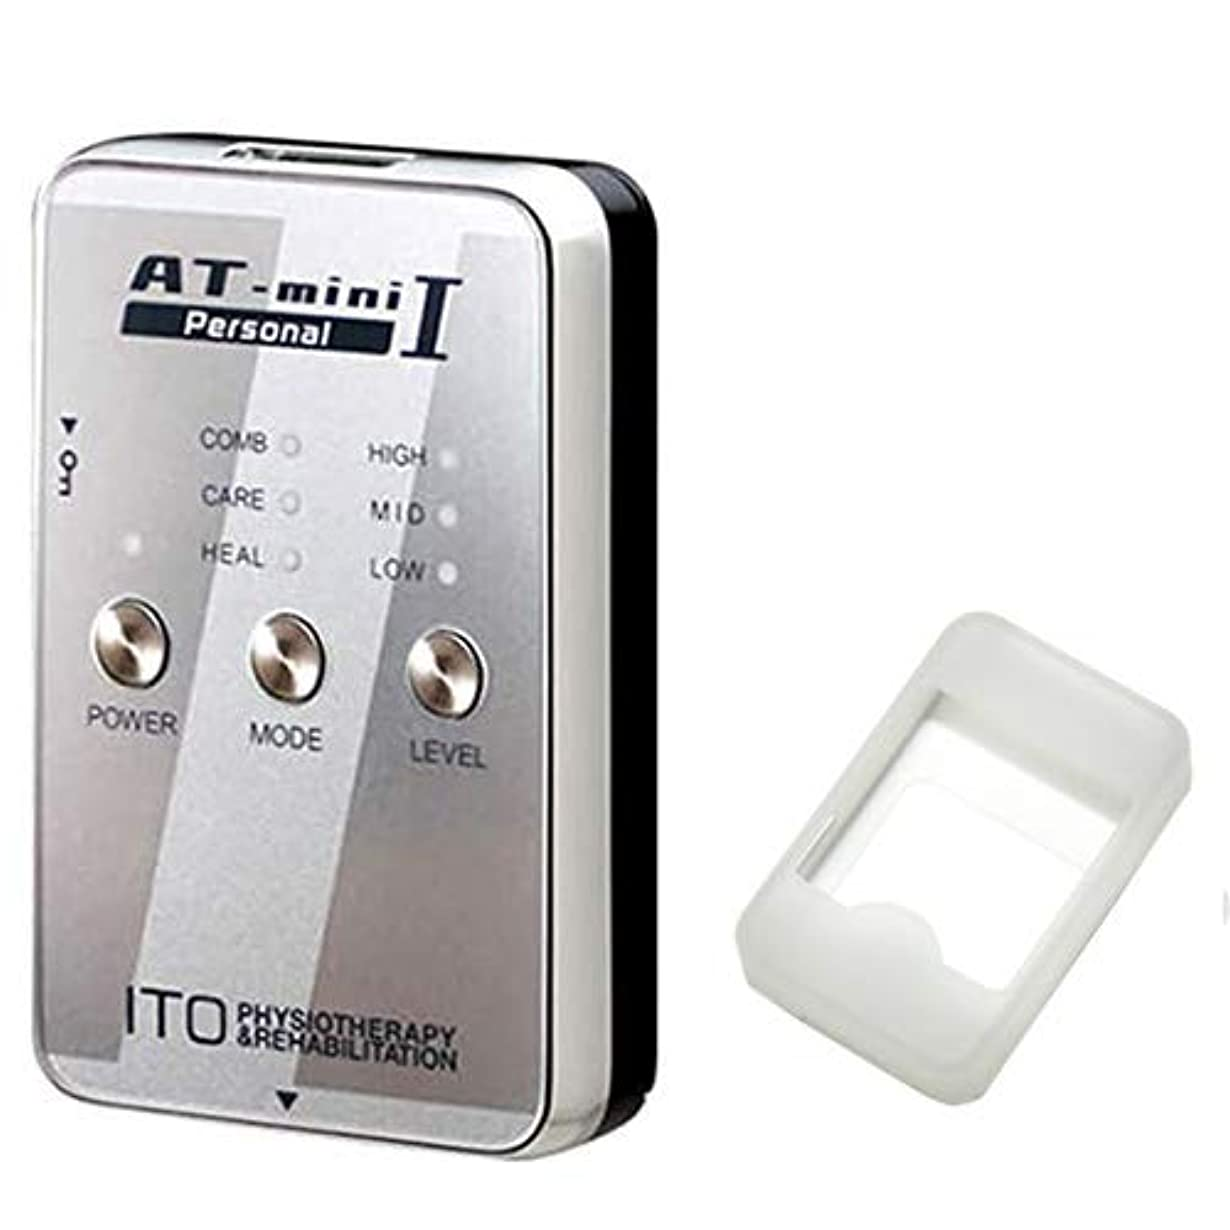 さらに賄賂フェデレーション低周波治療器 AT-mini personal I シルバー (ATミニパーソナル1) + シリコン保護ケース